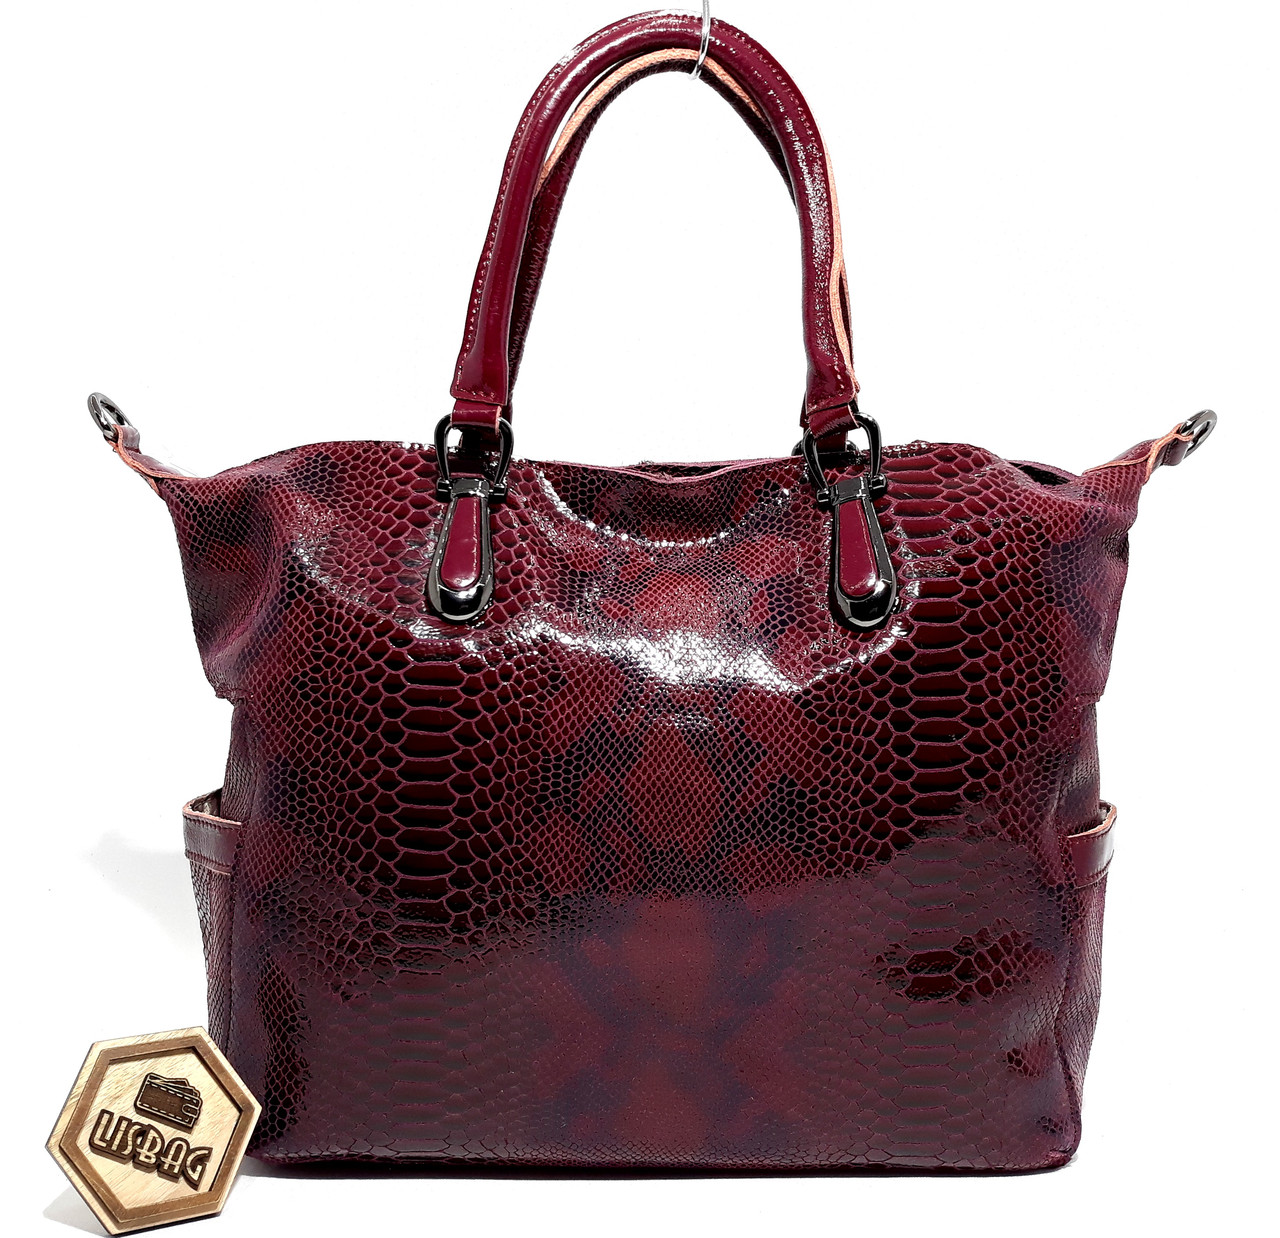 190dcb6a5e67 Женская кожаная сумка хобо из лазерного замша Galanty, Бордовая - Интернет  магазин Lisbag в Умани